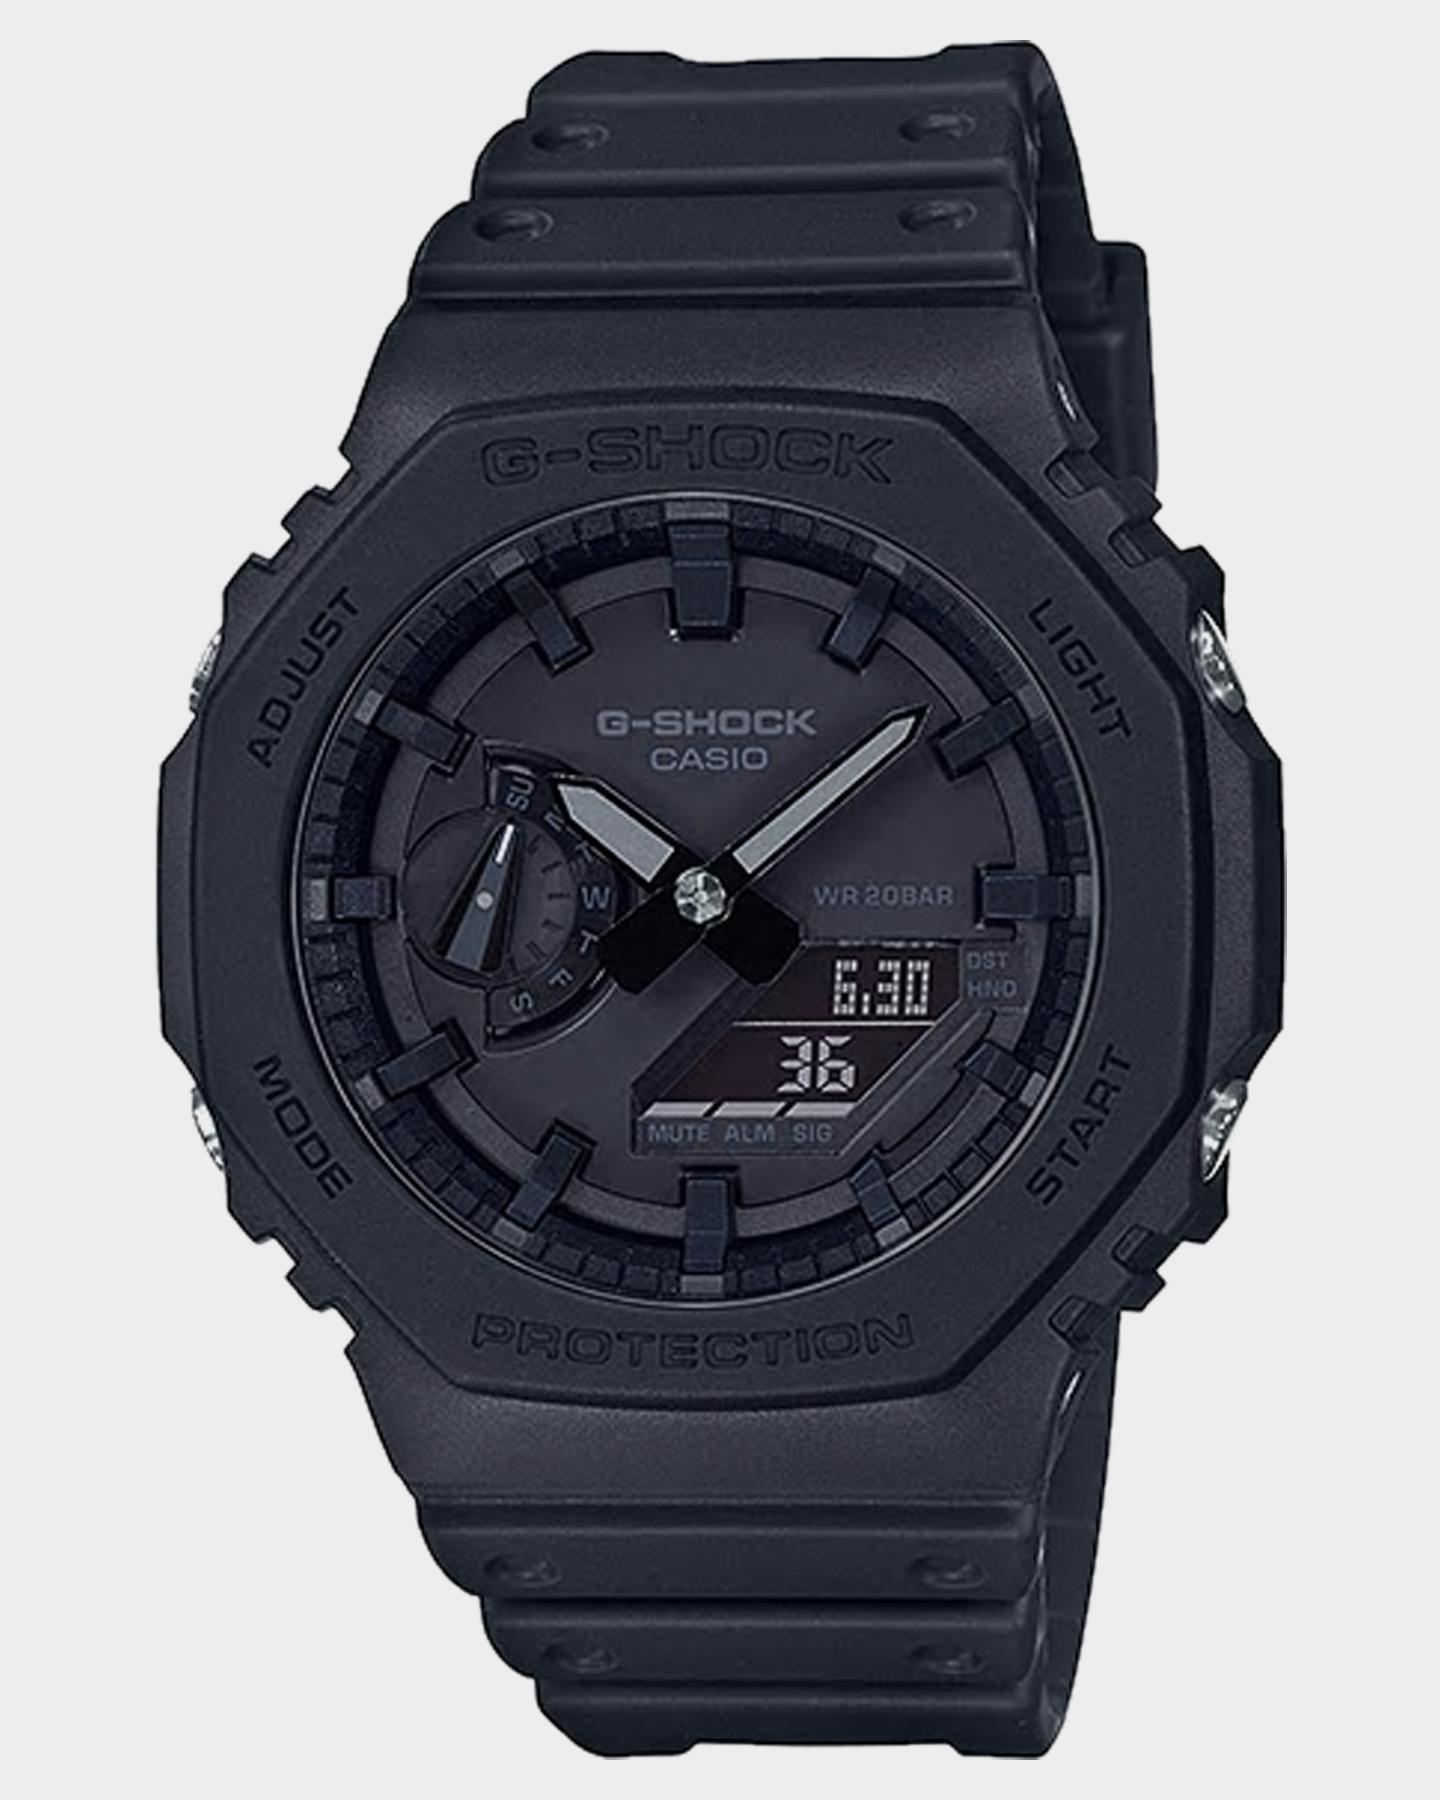 G Shock Ga2100 Analog Watch Black